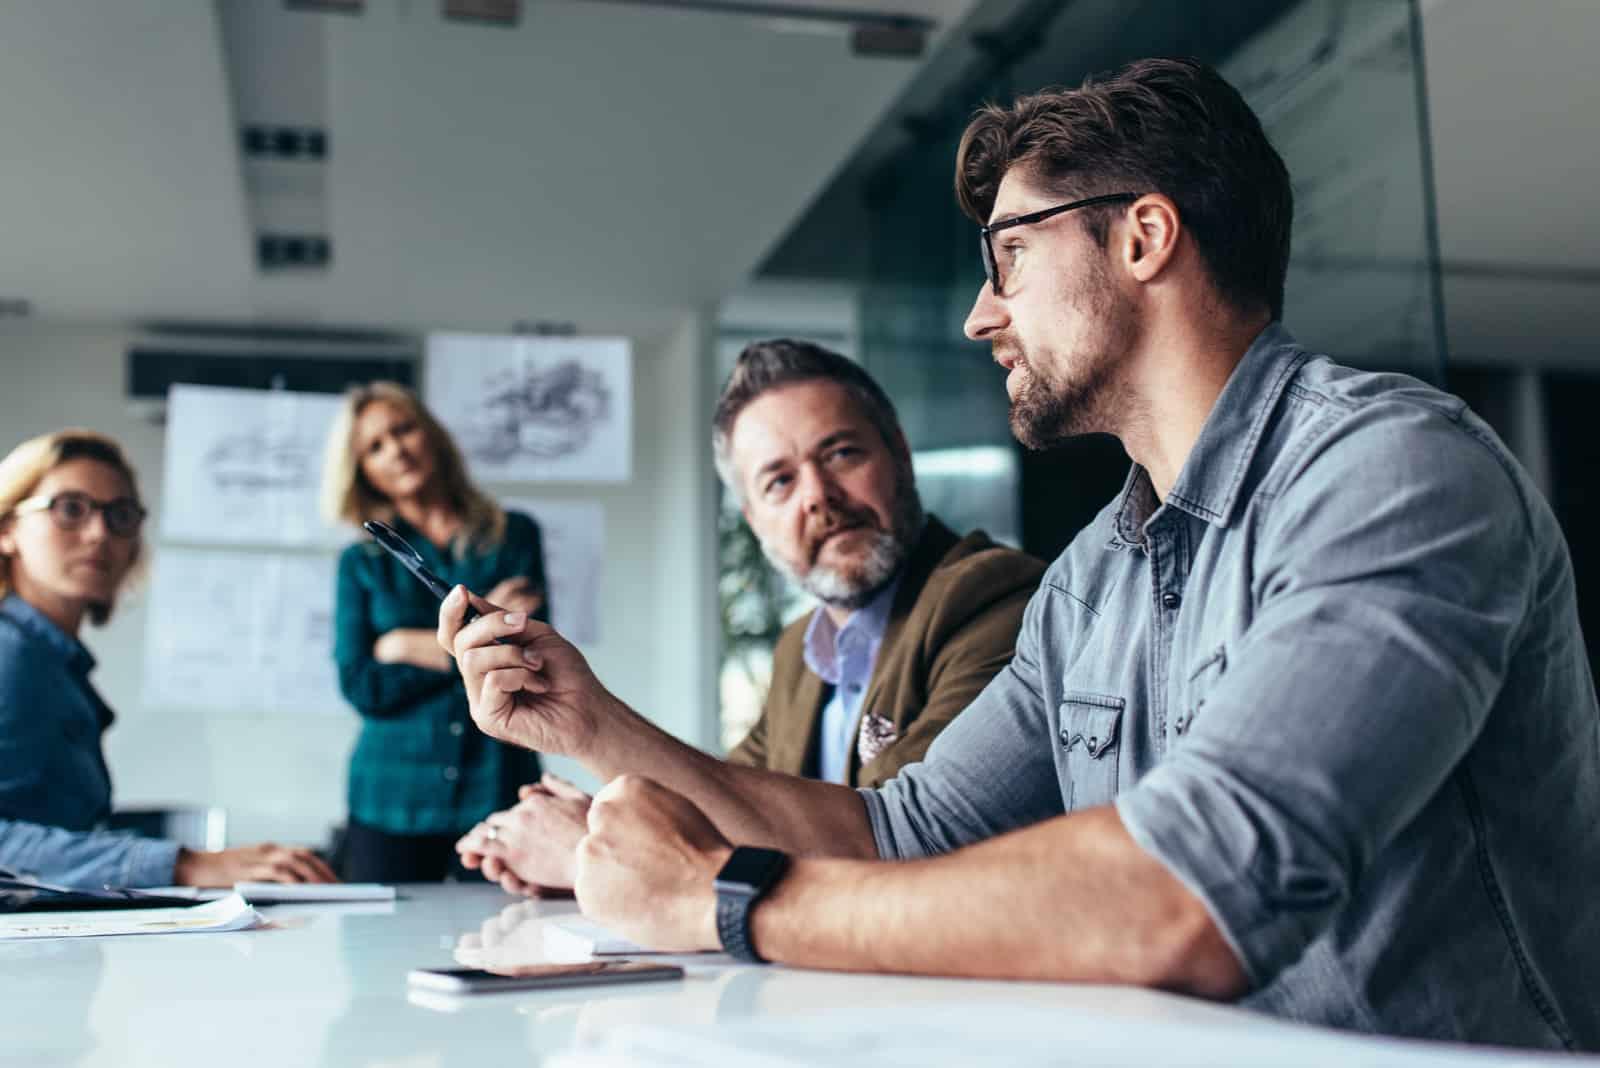 deux hommes parlant à deux femmes au bureau